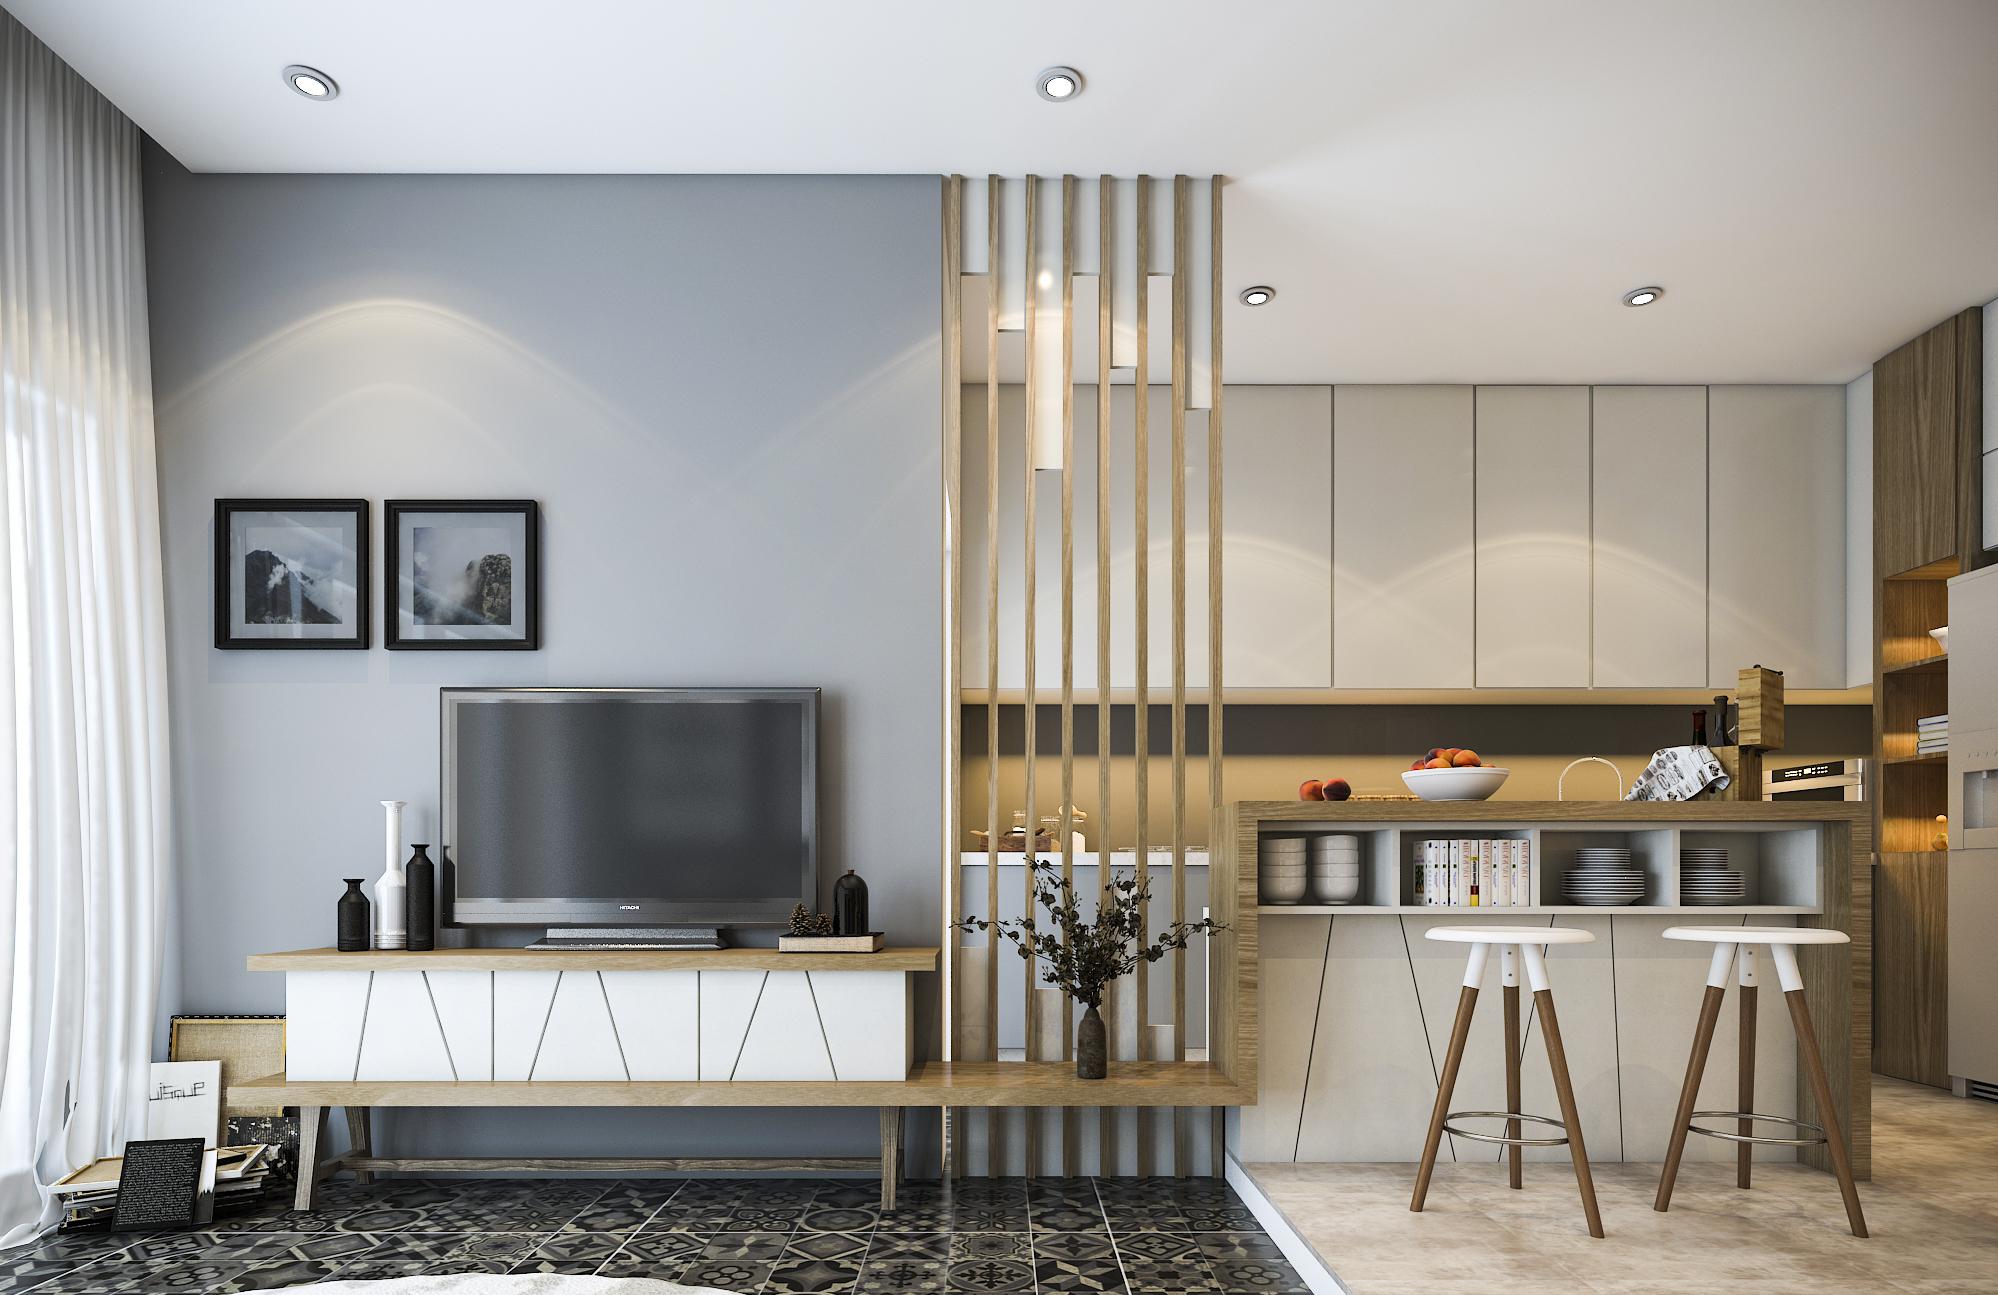 thiết kế nội thất chung cư tại Hồ Chí Minh Mr. Hiếu Apartment 0 1561701447